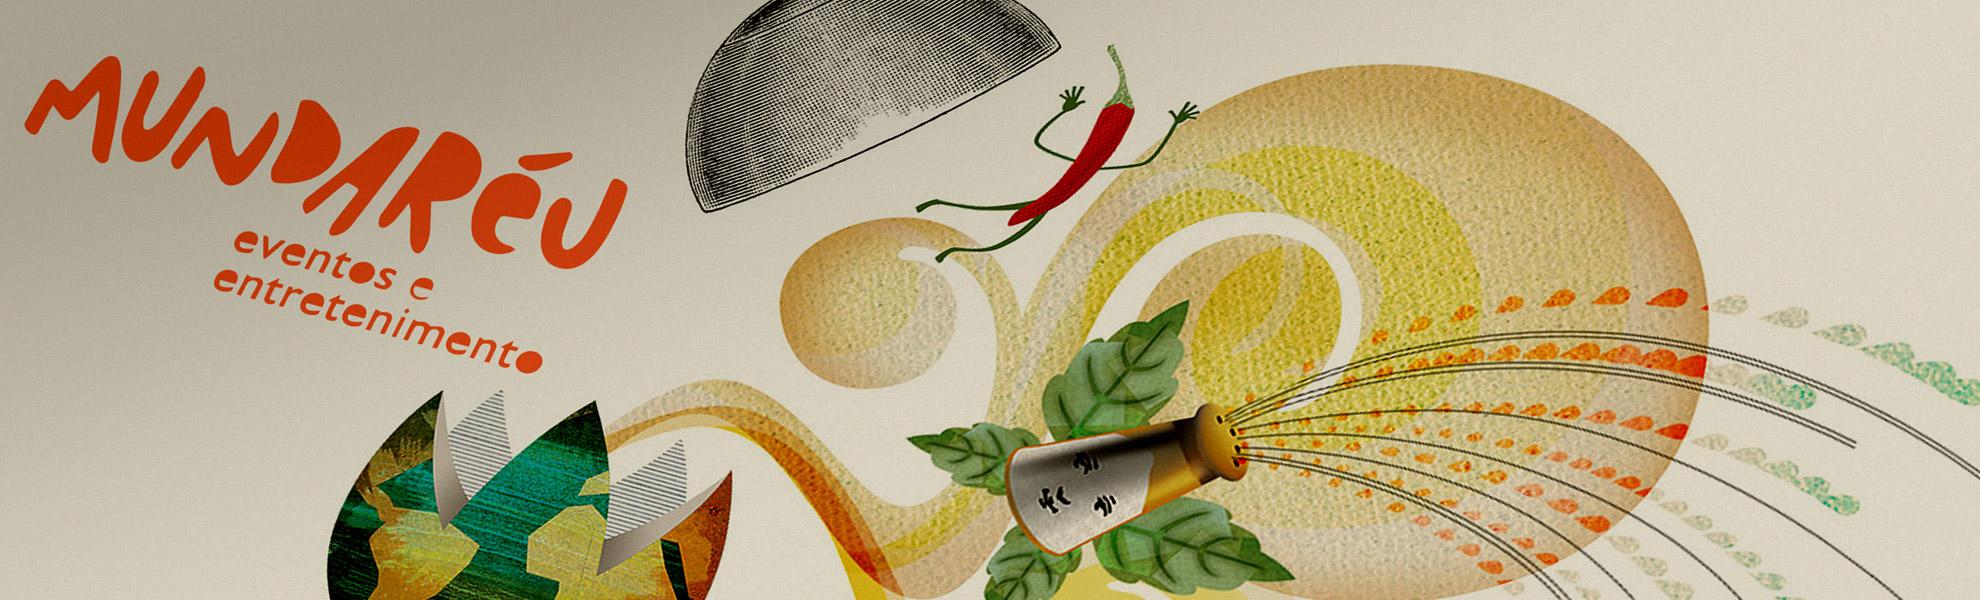 chelles-e-hayashi-design-portfolio-eventos-entretenimento-mundareu-linguagem-identidade-grafico-comunicacao